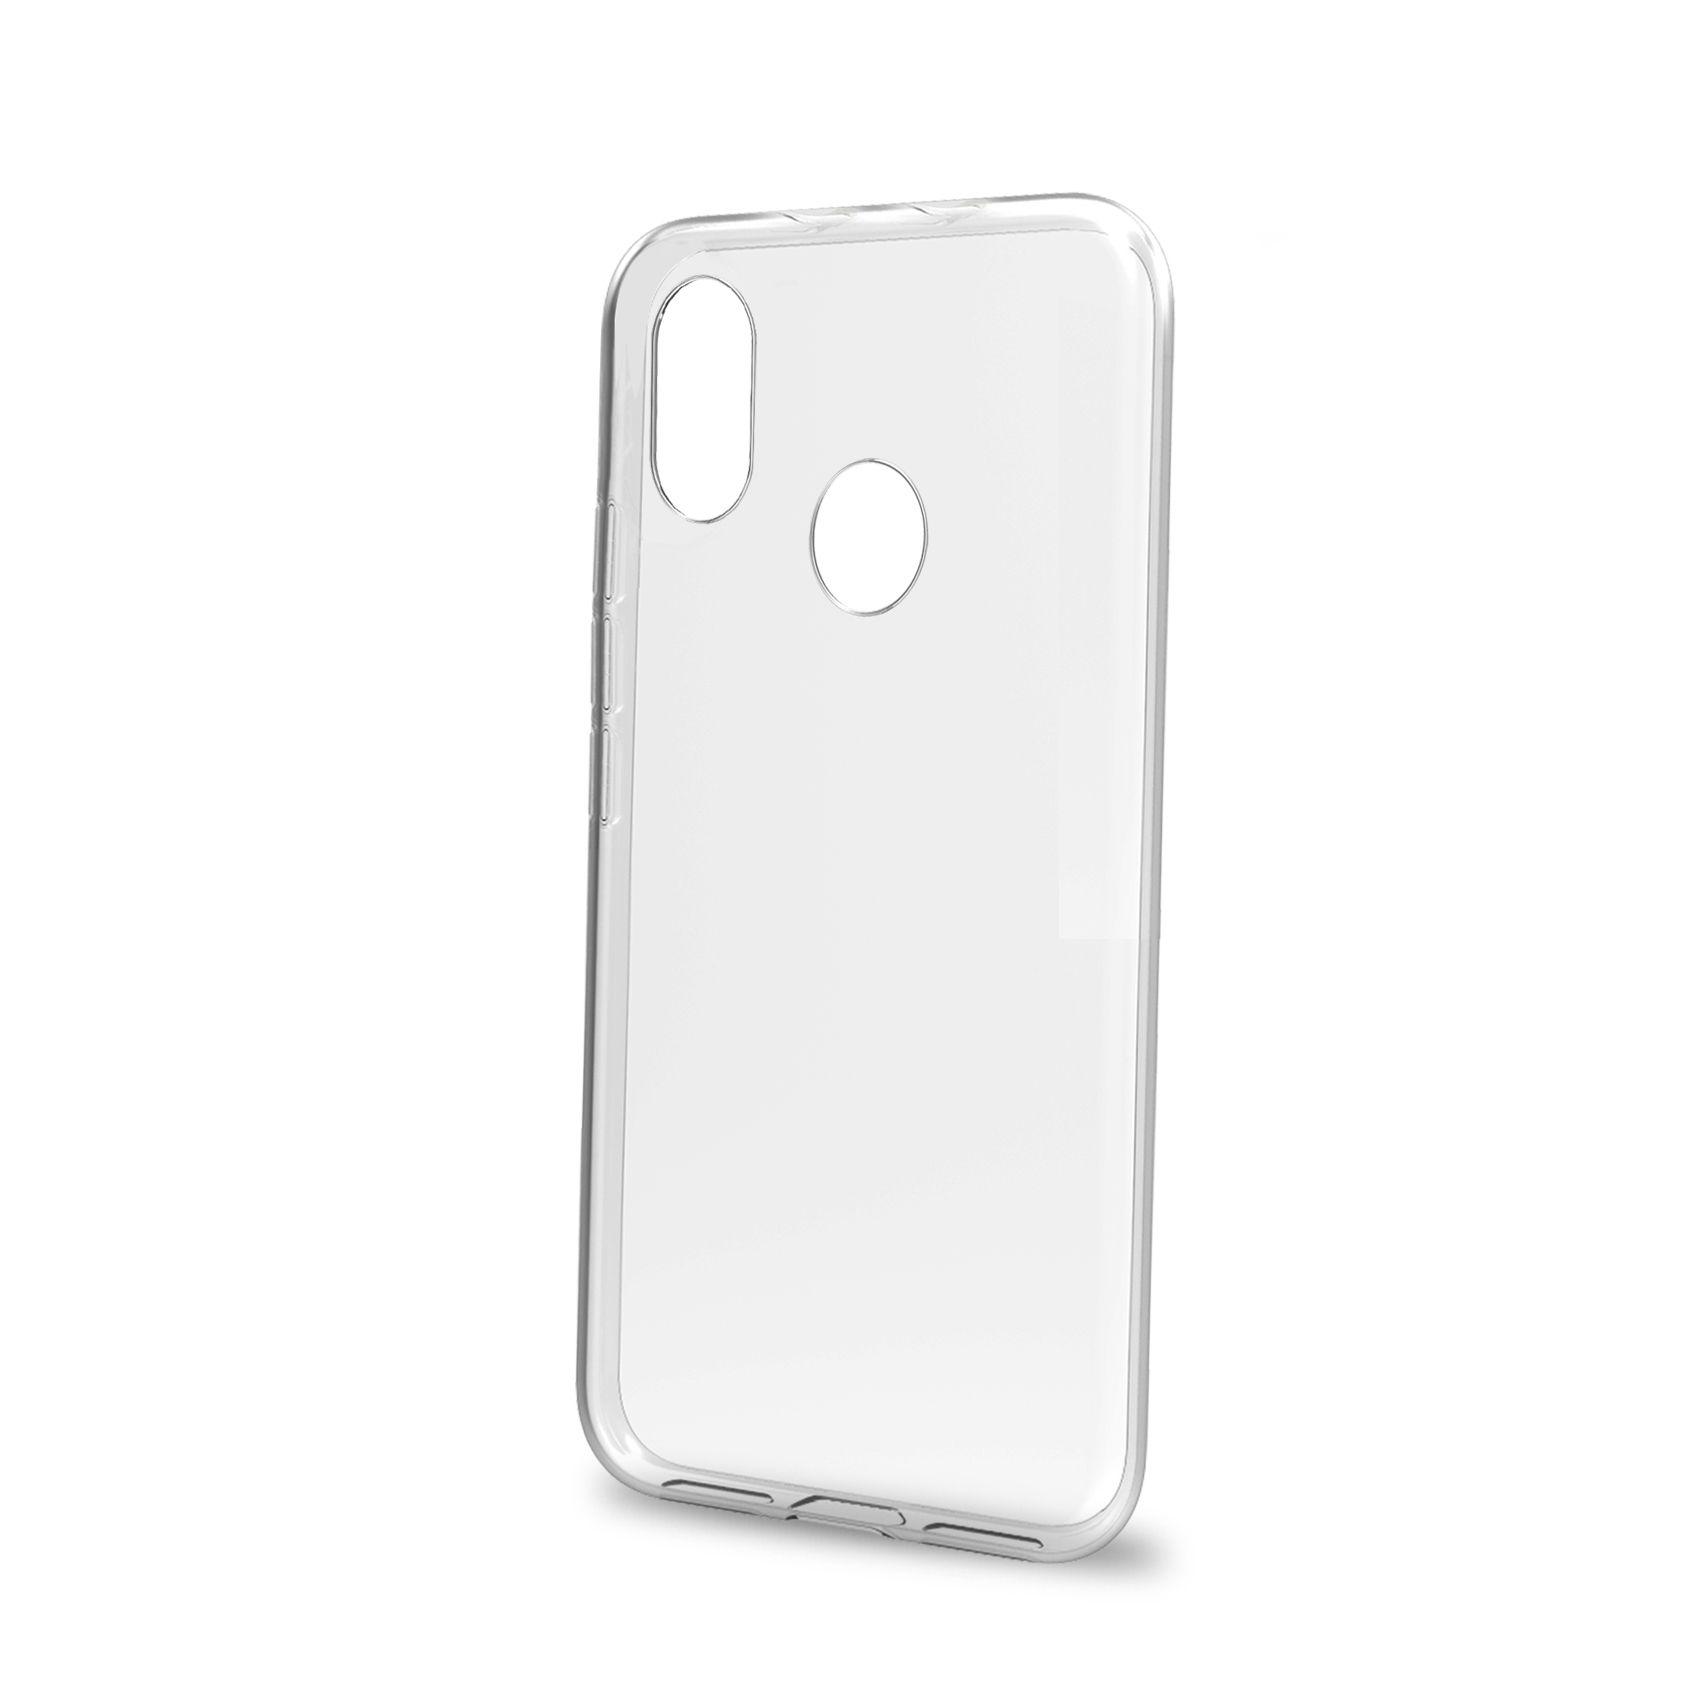 TPU pouzdro CELLY Gelskin pro Xiaomi Mi 8, bezbarvé